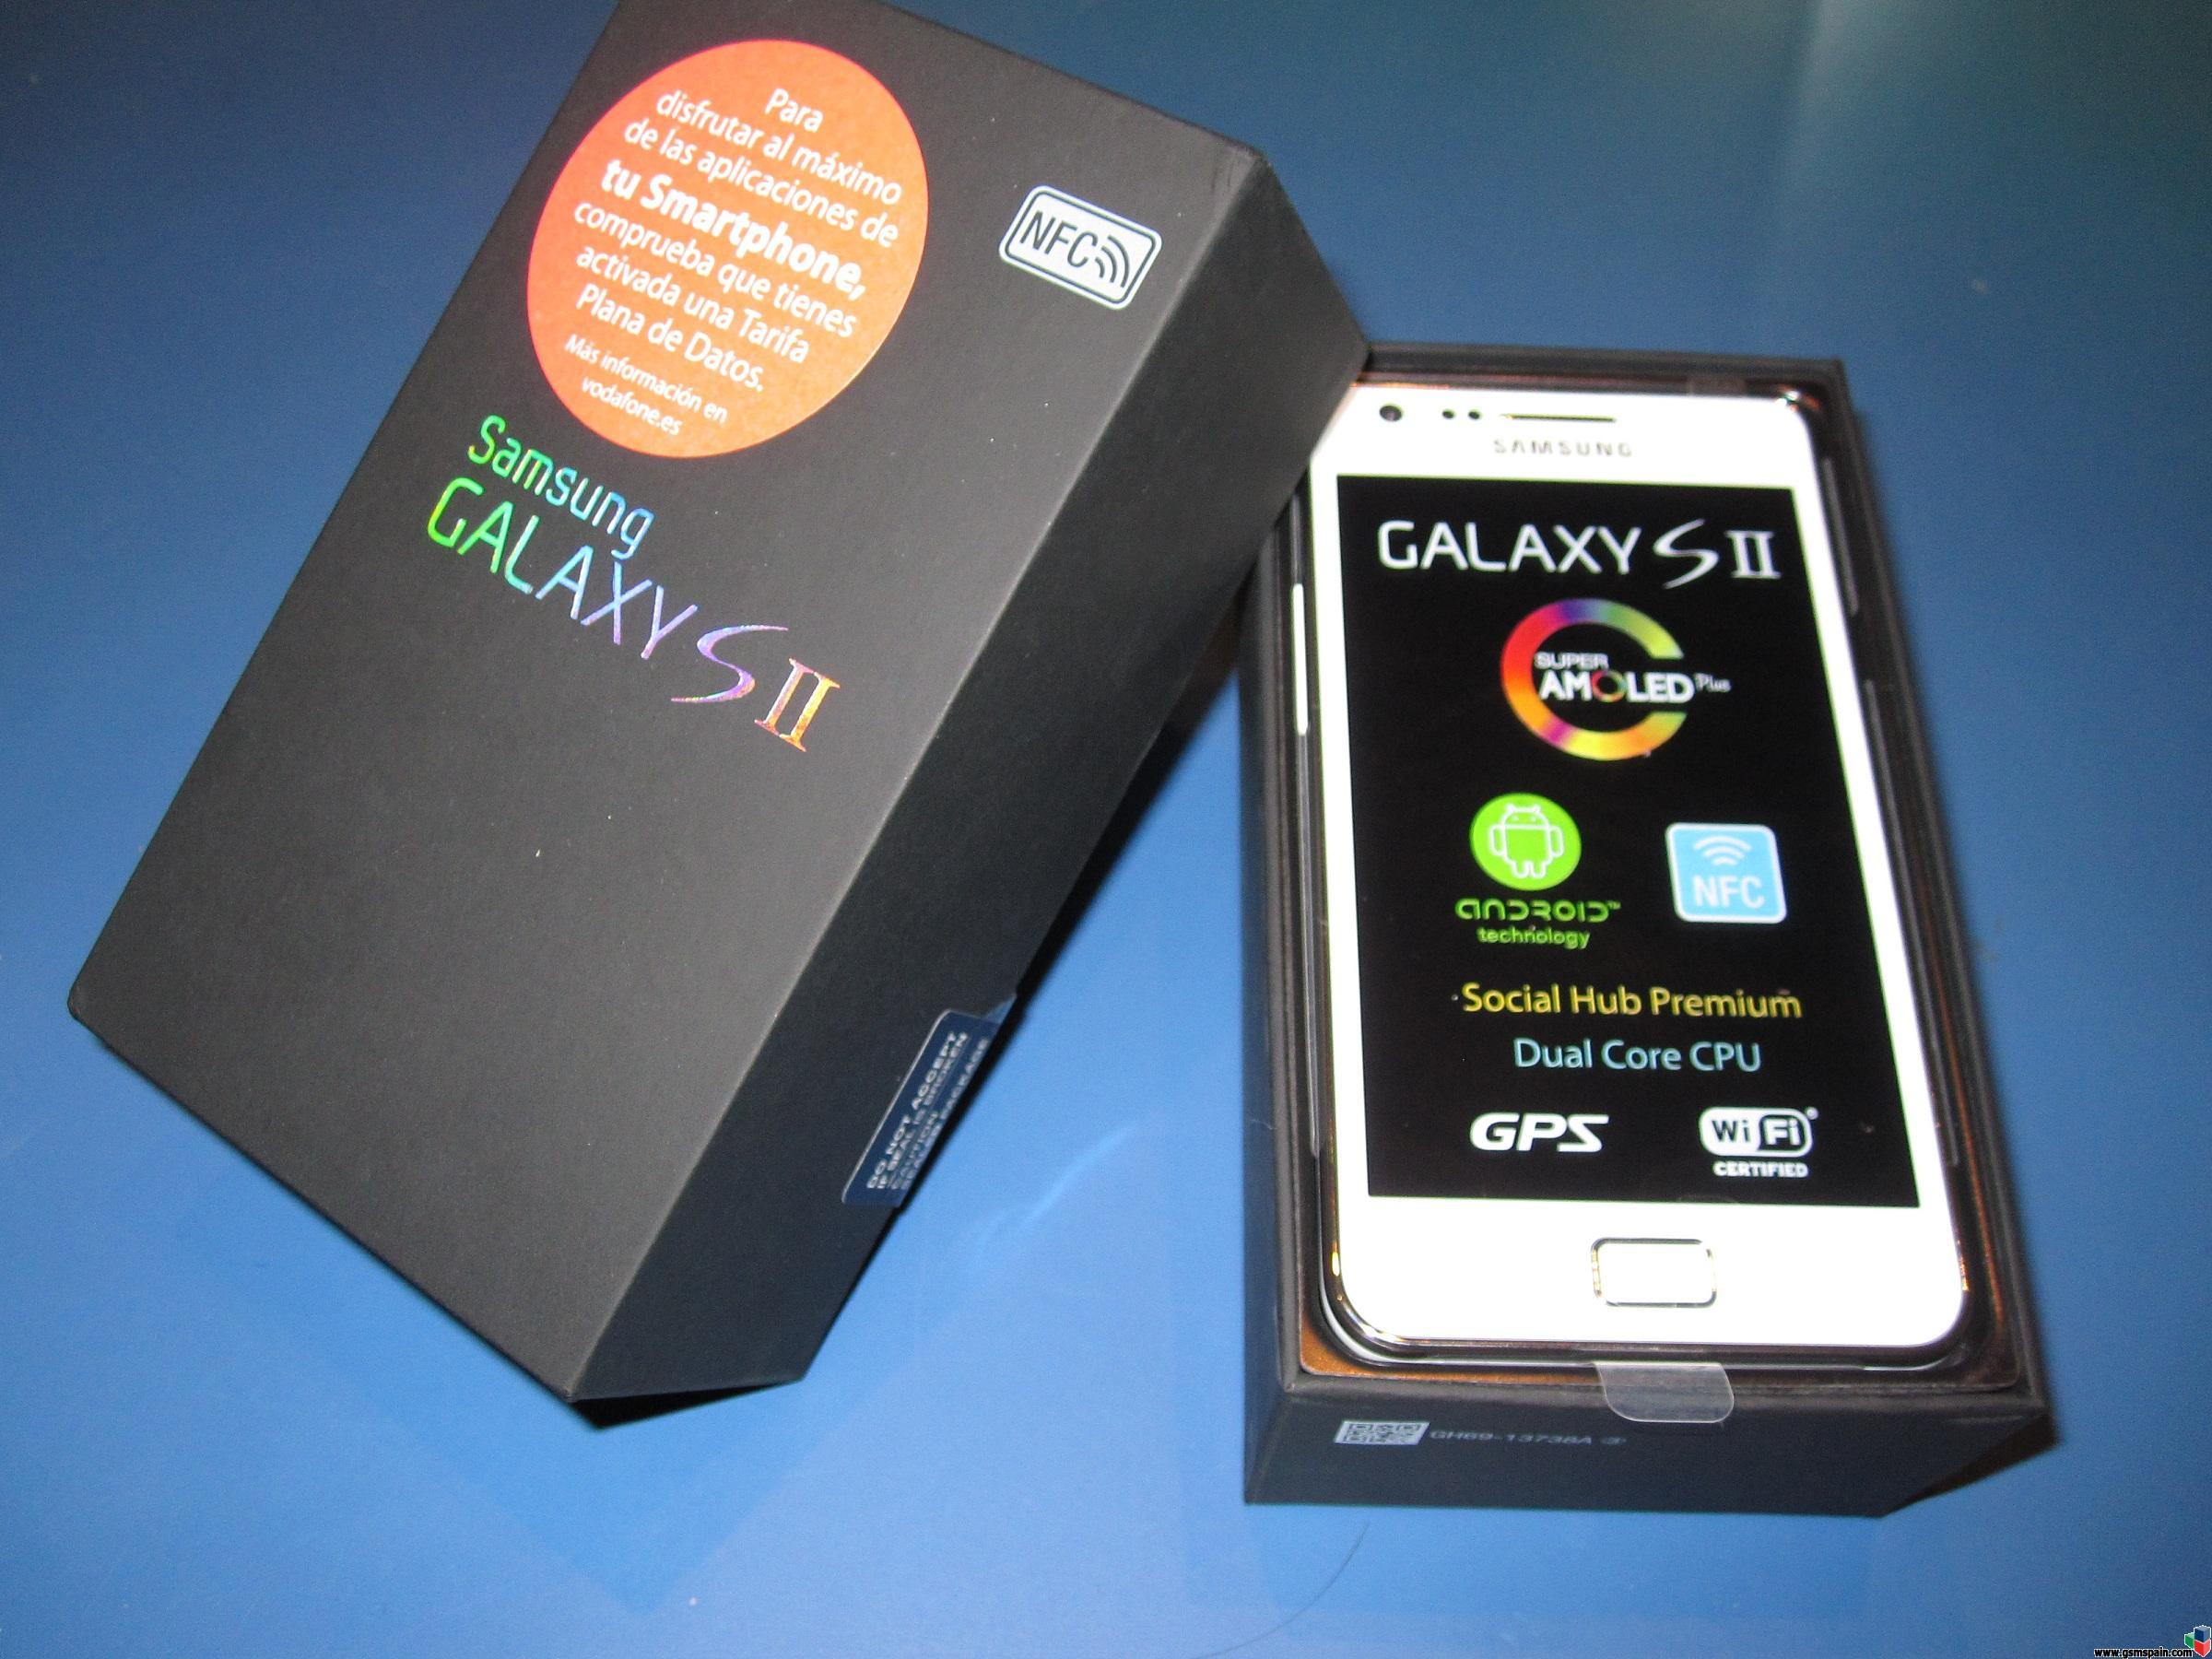 [VENDO] 299€ Samsung Galaxy S2 SII Blanco NFC Nuevo Con GarantÍa De 2 AÑos. Vodafone